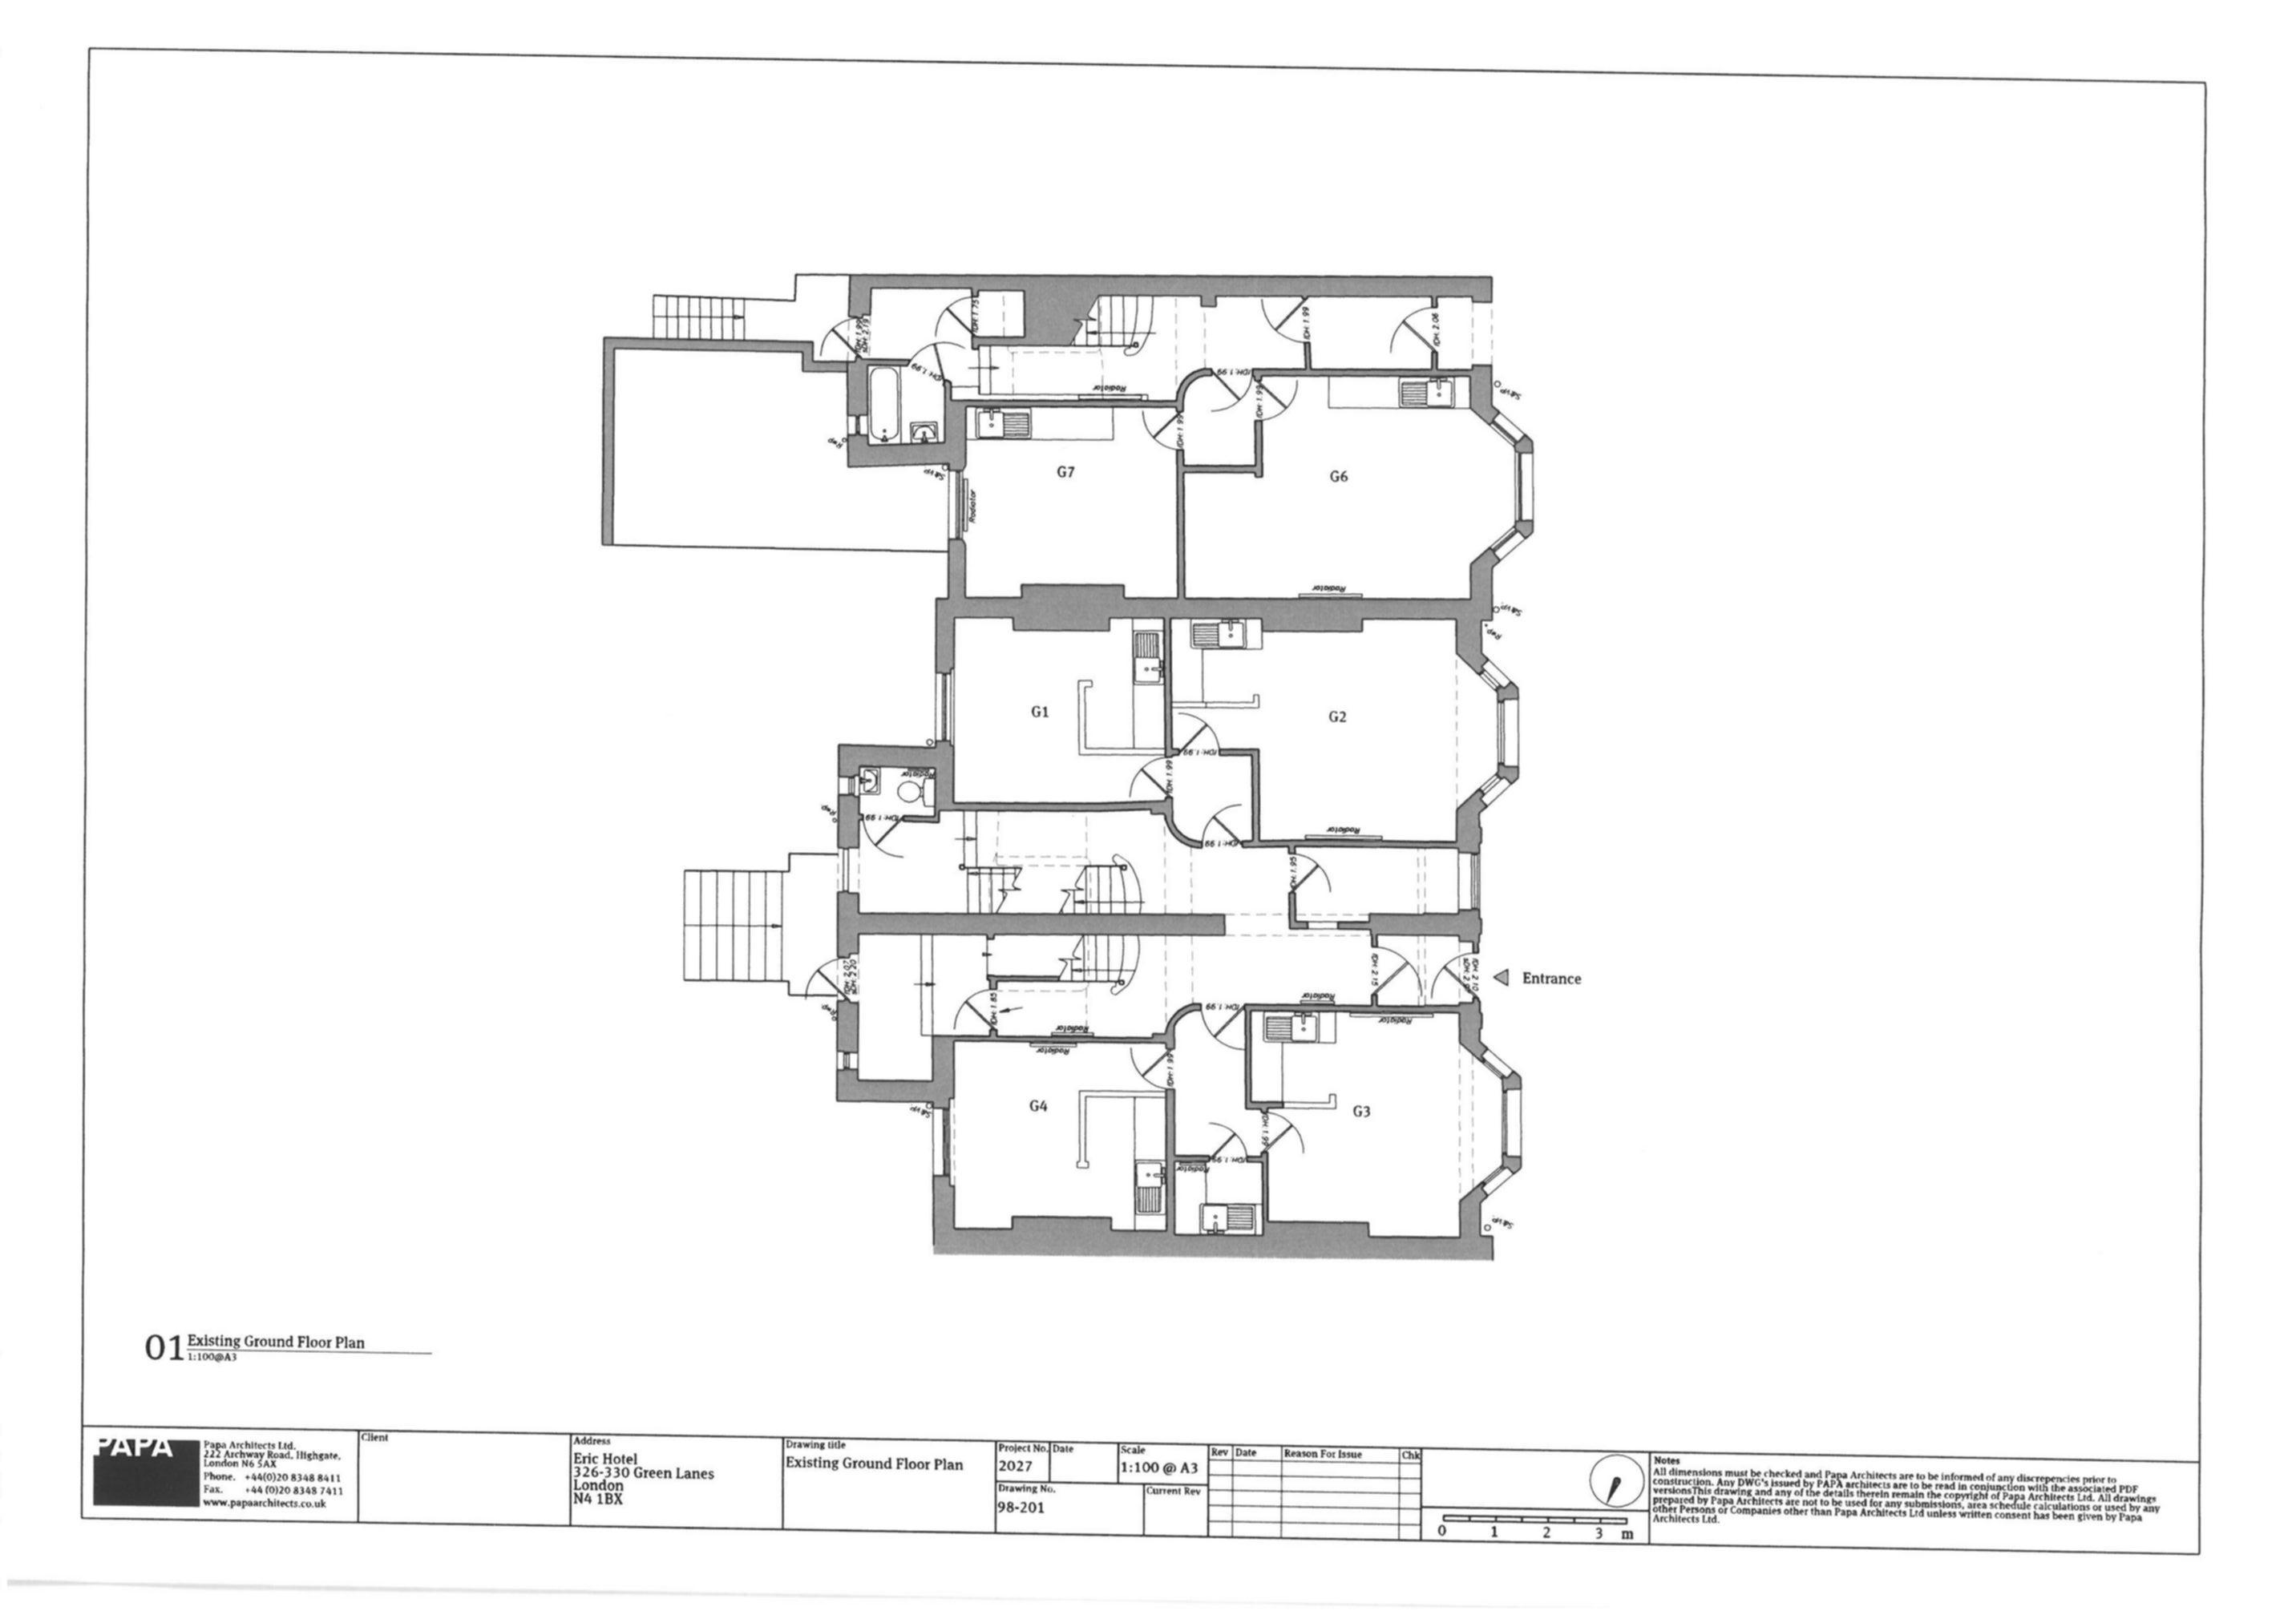 Existing Ground Floor